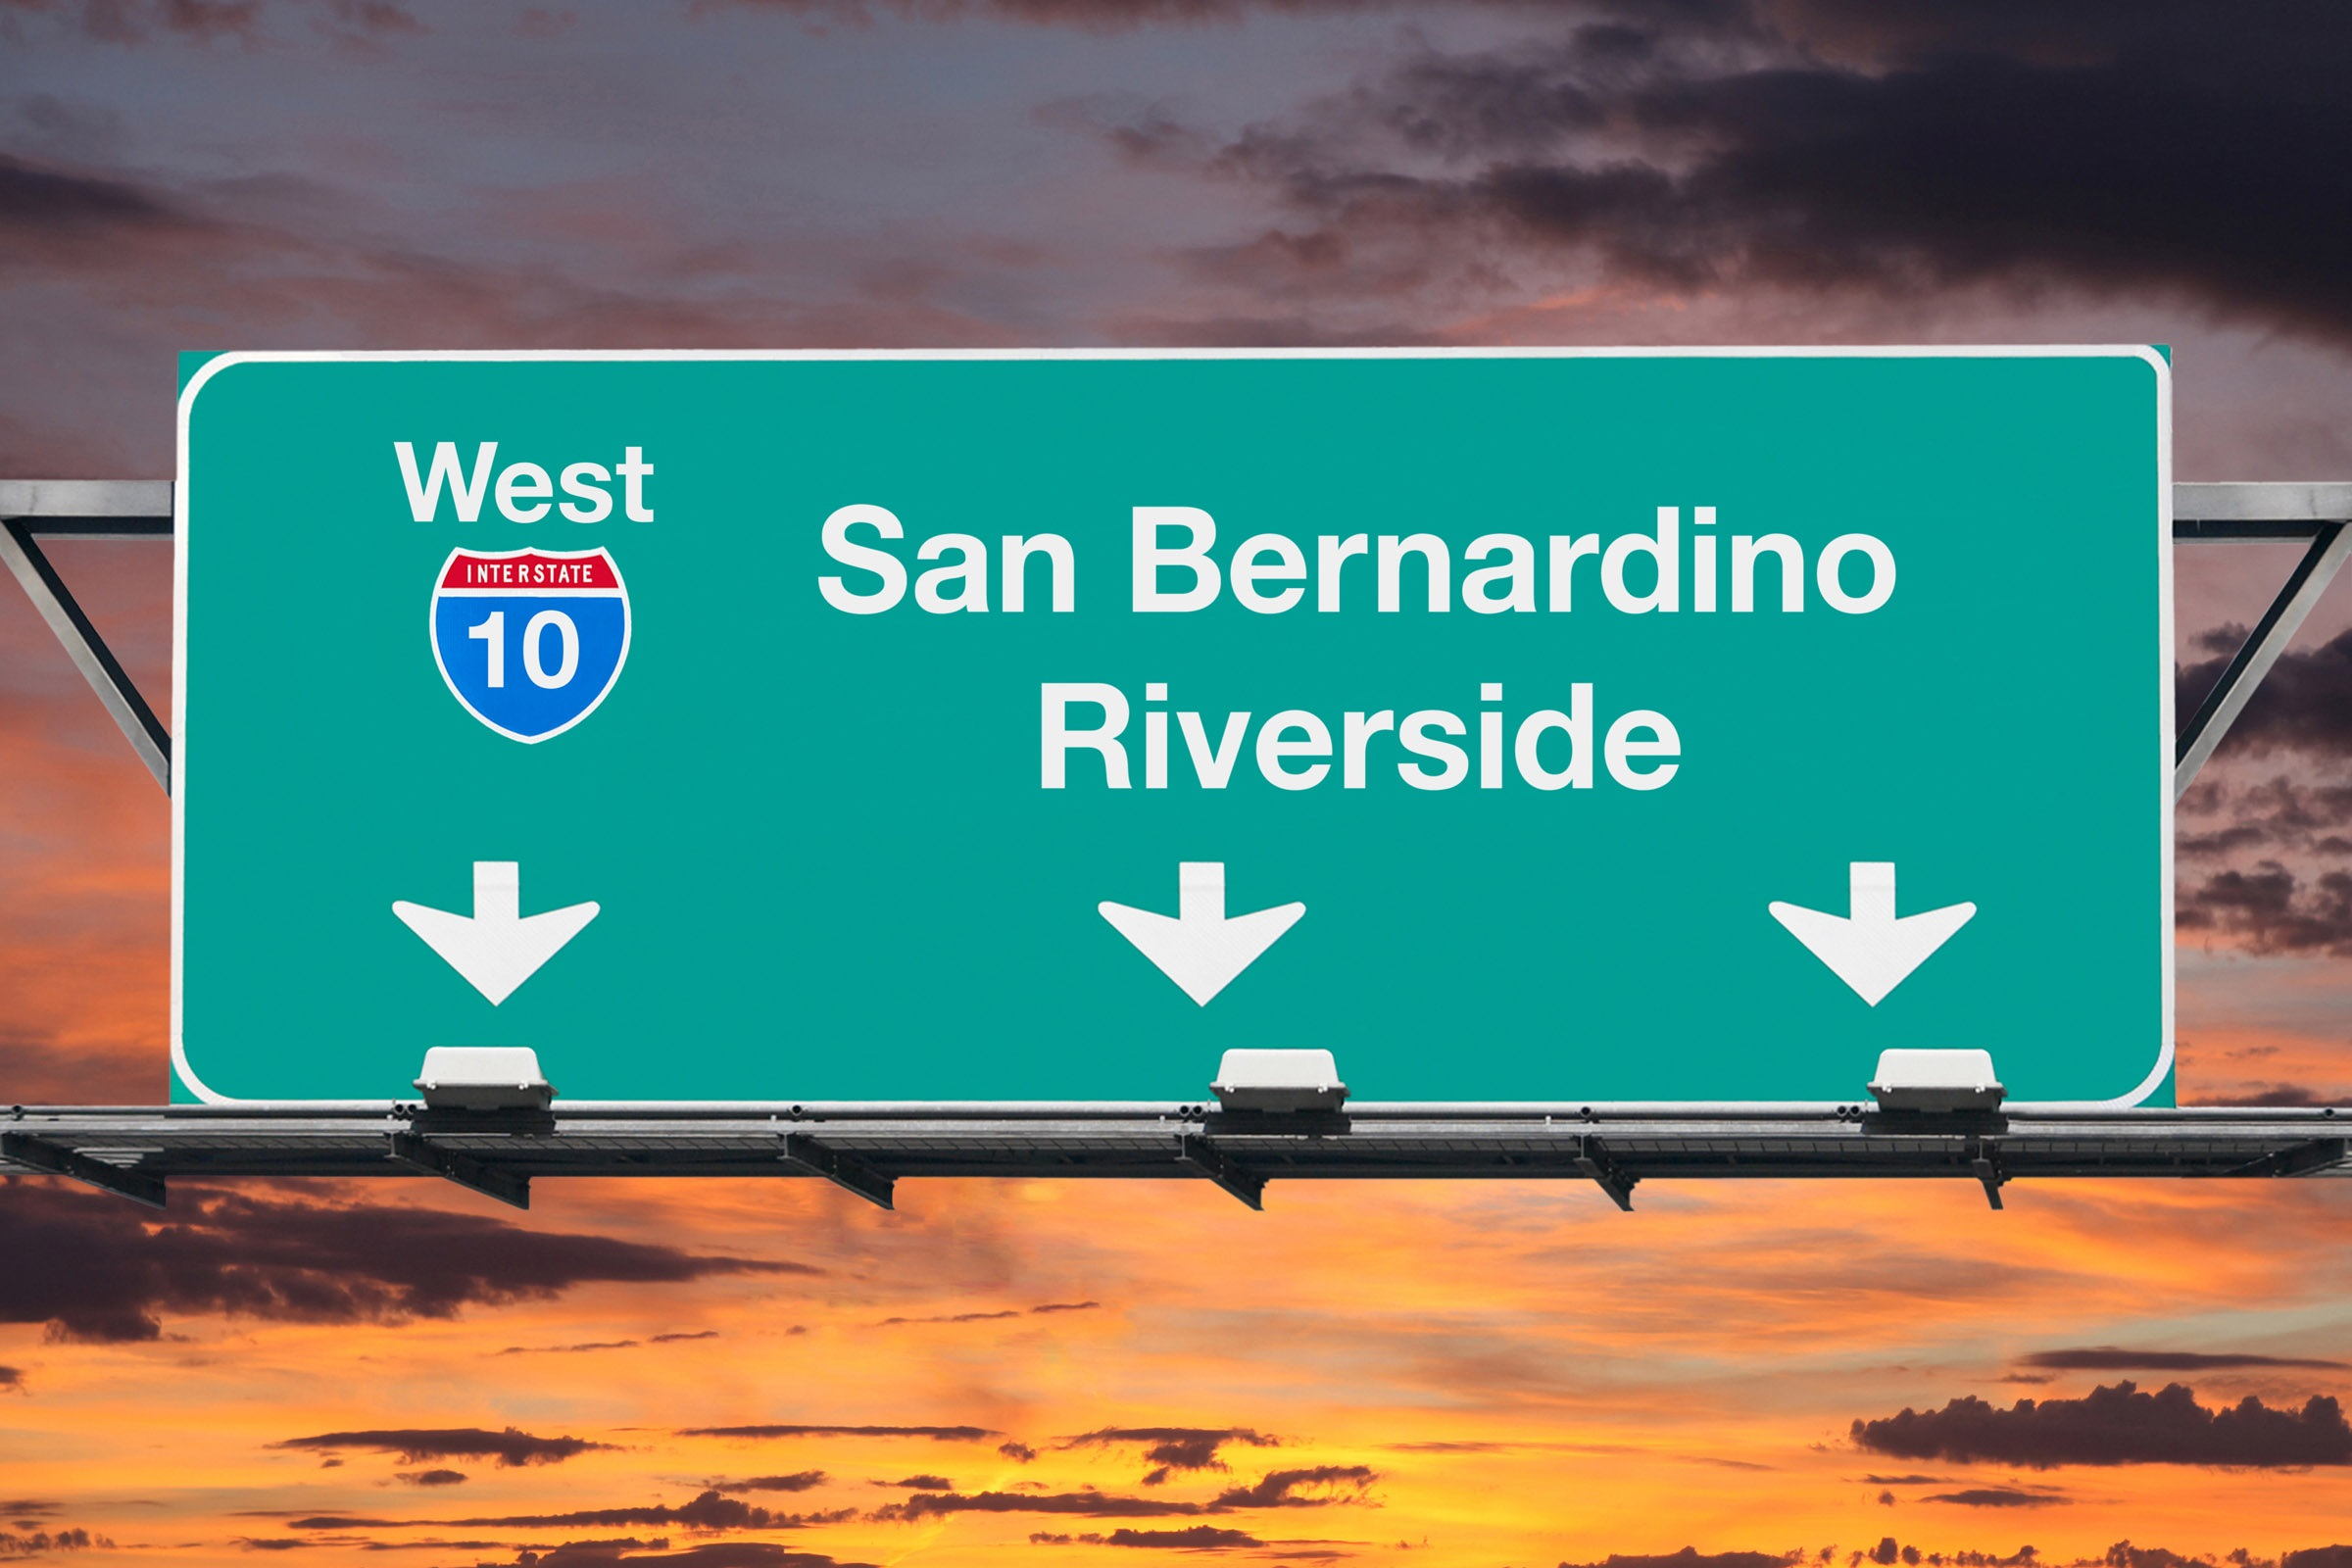 San Bernardino CA road sign at sunset